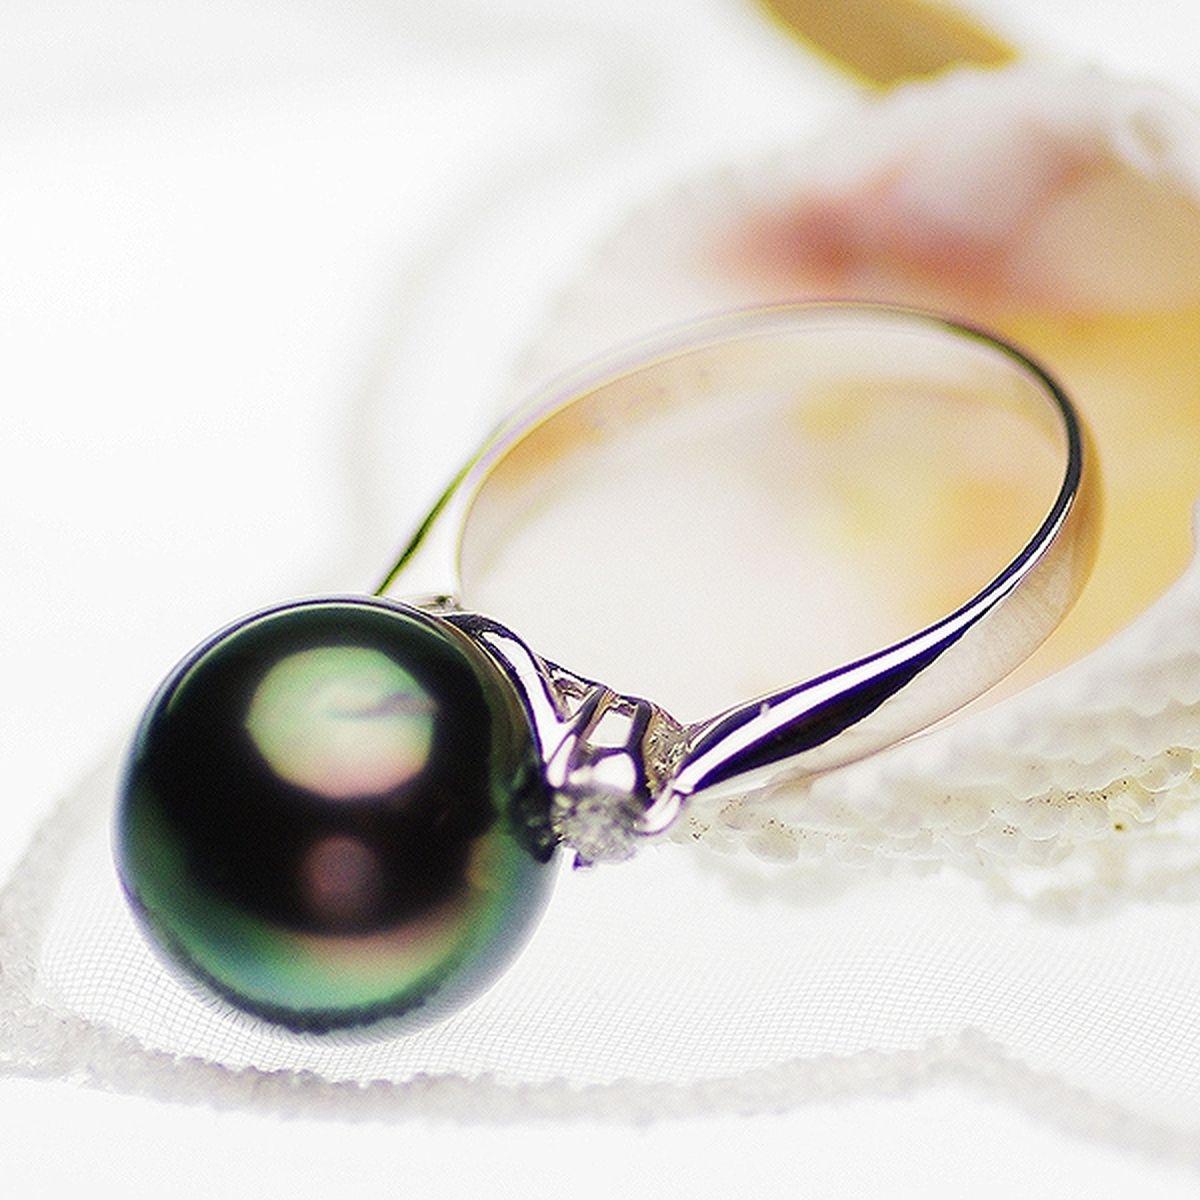 タヒチ黒蝶真珠リング 約11.5mmの写真